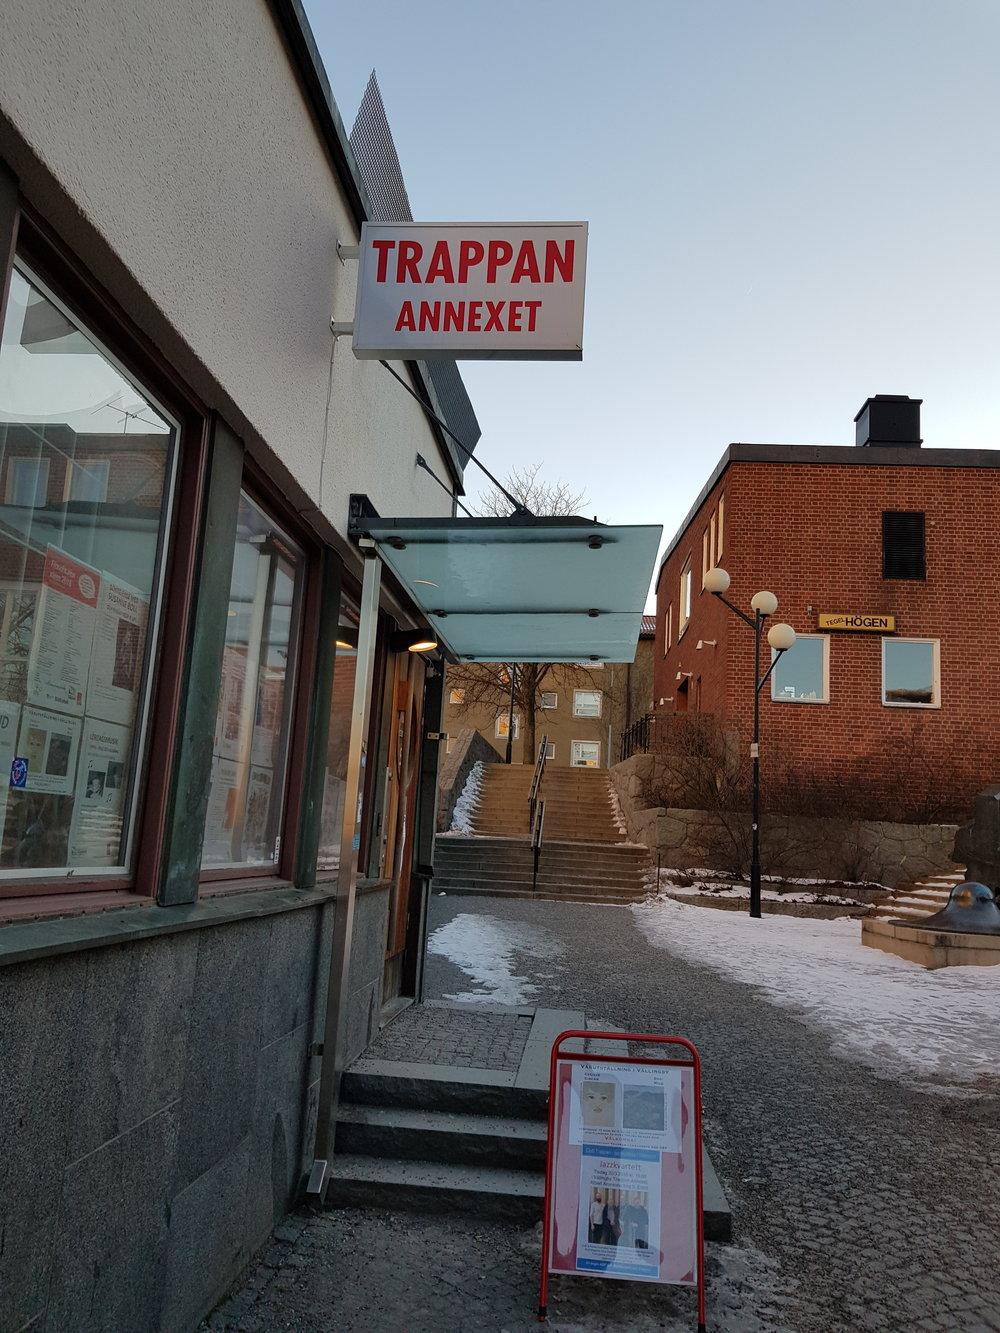 Entrén till utställningen - Trappan/Annexet i Vällingby